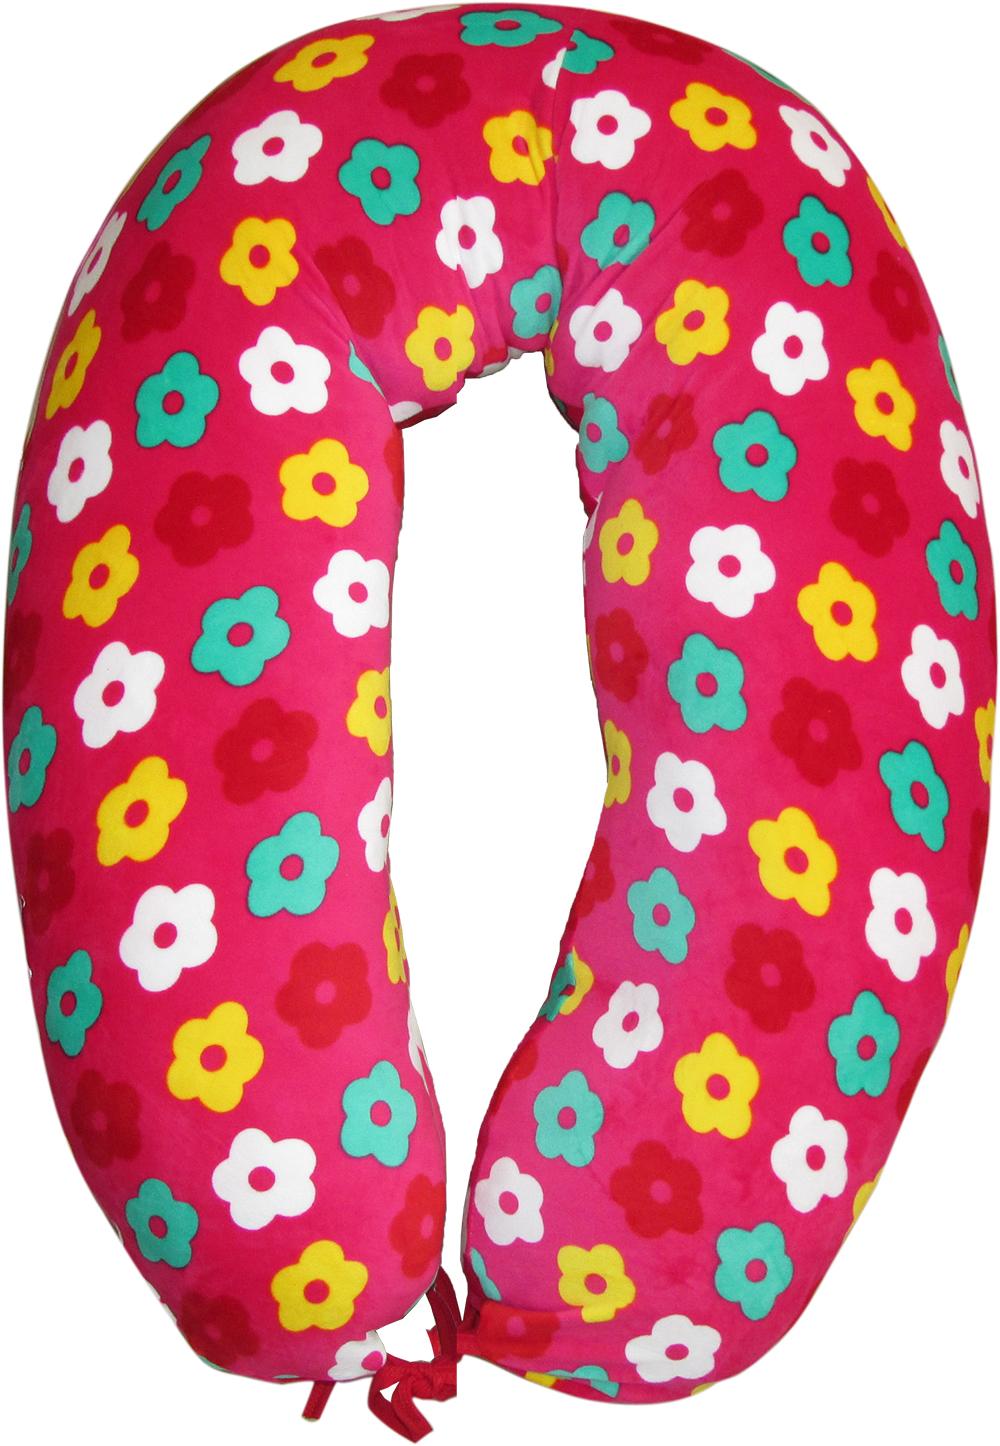 40 недель Подушка для кормящих и беременных цвет розовый желтый зеленый 190 смБХВ-190/Многофункциональная подушка с наполнителем из холлофайбера подходит для кормления и отдыха - обеспечивает комфорт мамы и малыша.В период беременности ее удобно использовать, подкладывая под живот или спину. Для уменьшения нагрузки на спину, плечи, руки и шею во время кормления расположите подушку вокруг талии. Для поддержания ребенка в различных положениях и зашиты его от падения, следует поместить малыша в центр подушки.Модель со съемным чехлом из хлопкового полотна (велюр).Размер 190 х 30 см.